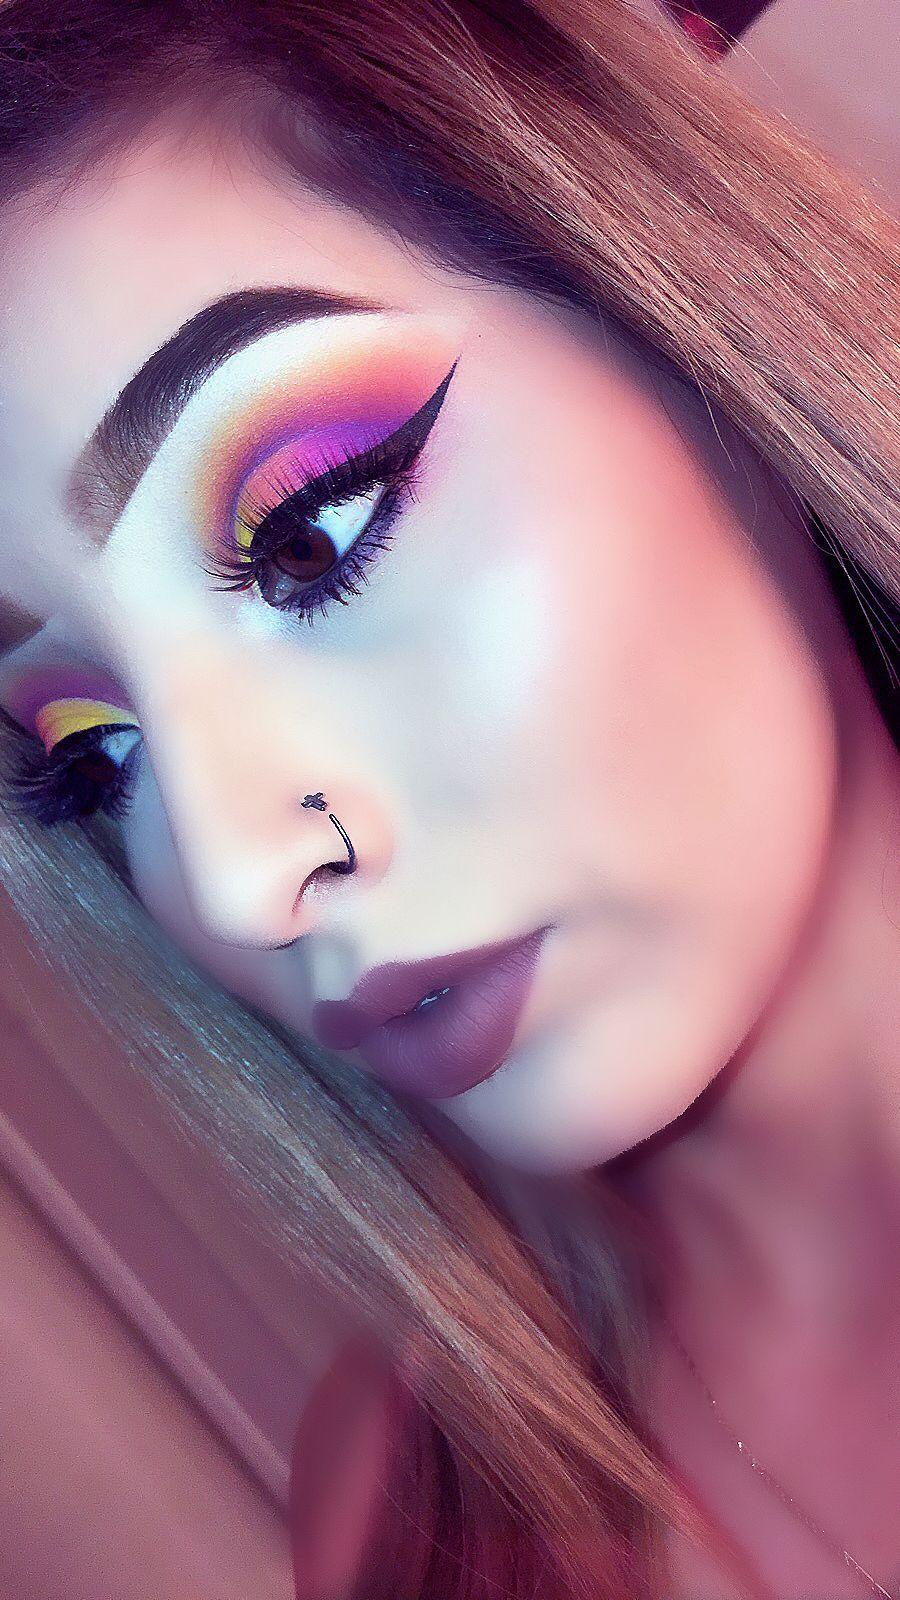 Épinglé par Ornella sur Maquillage 5 Maquillage